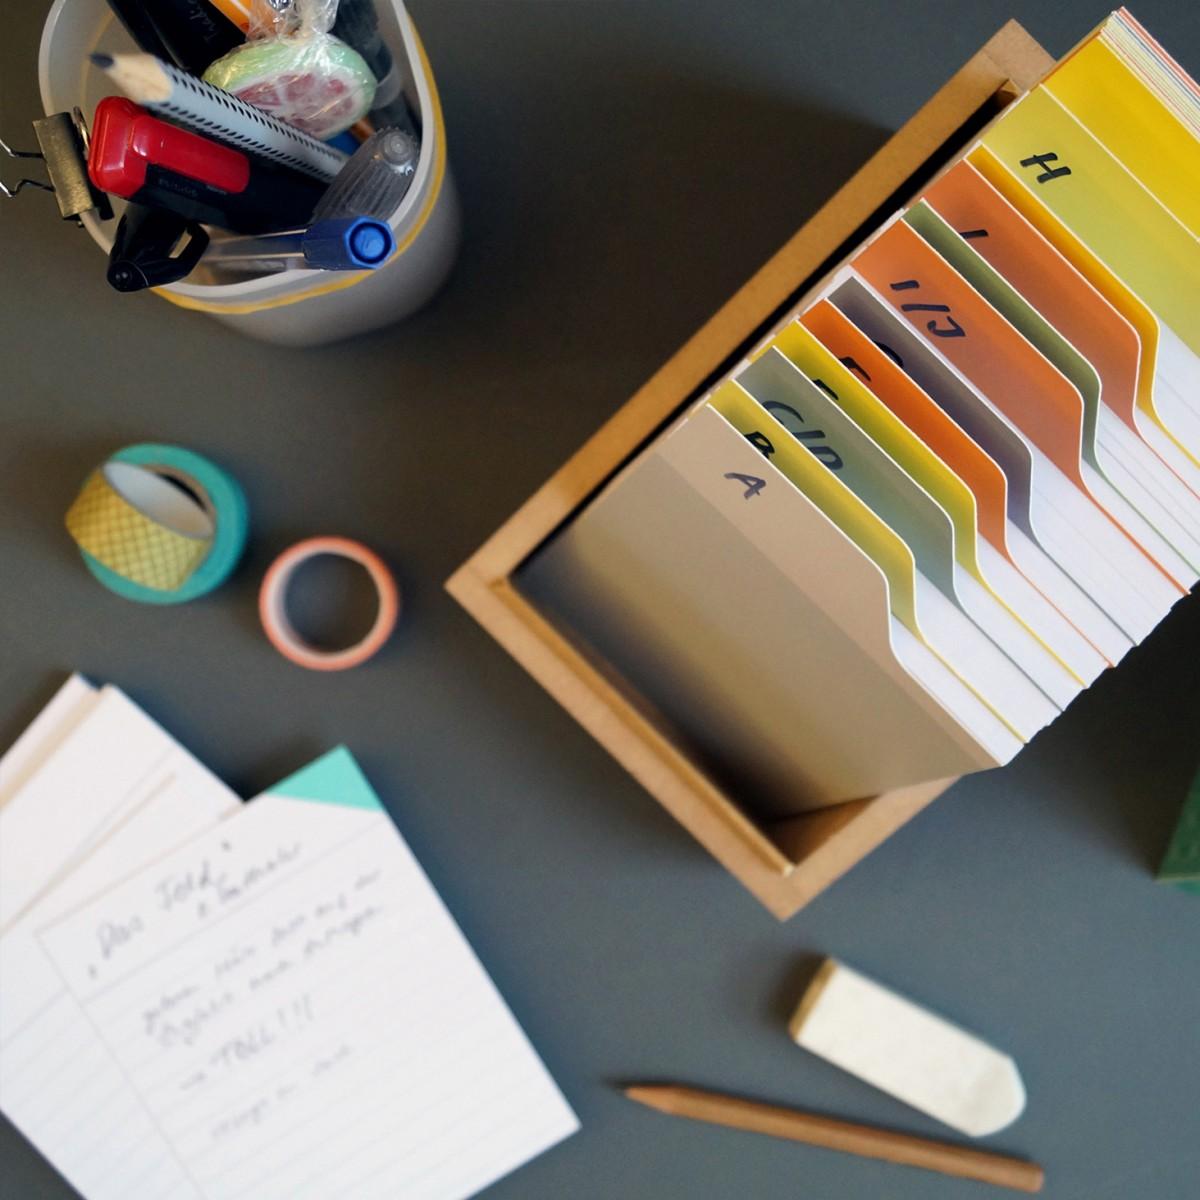 Box mit rotem Deckel und Etikettenschild, Sammelbox mit Registern und Blankokarten, Kiste zum Aufbewahren, sperlingb.design